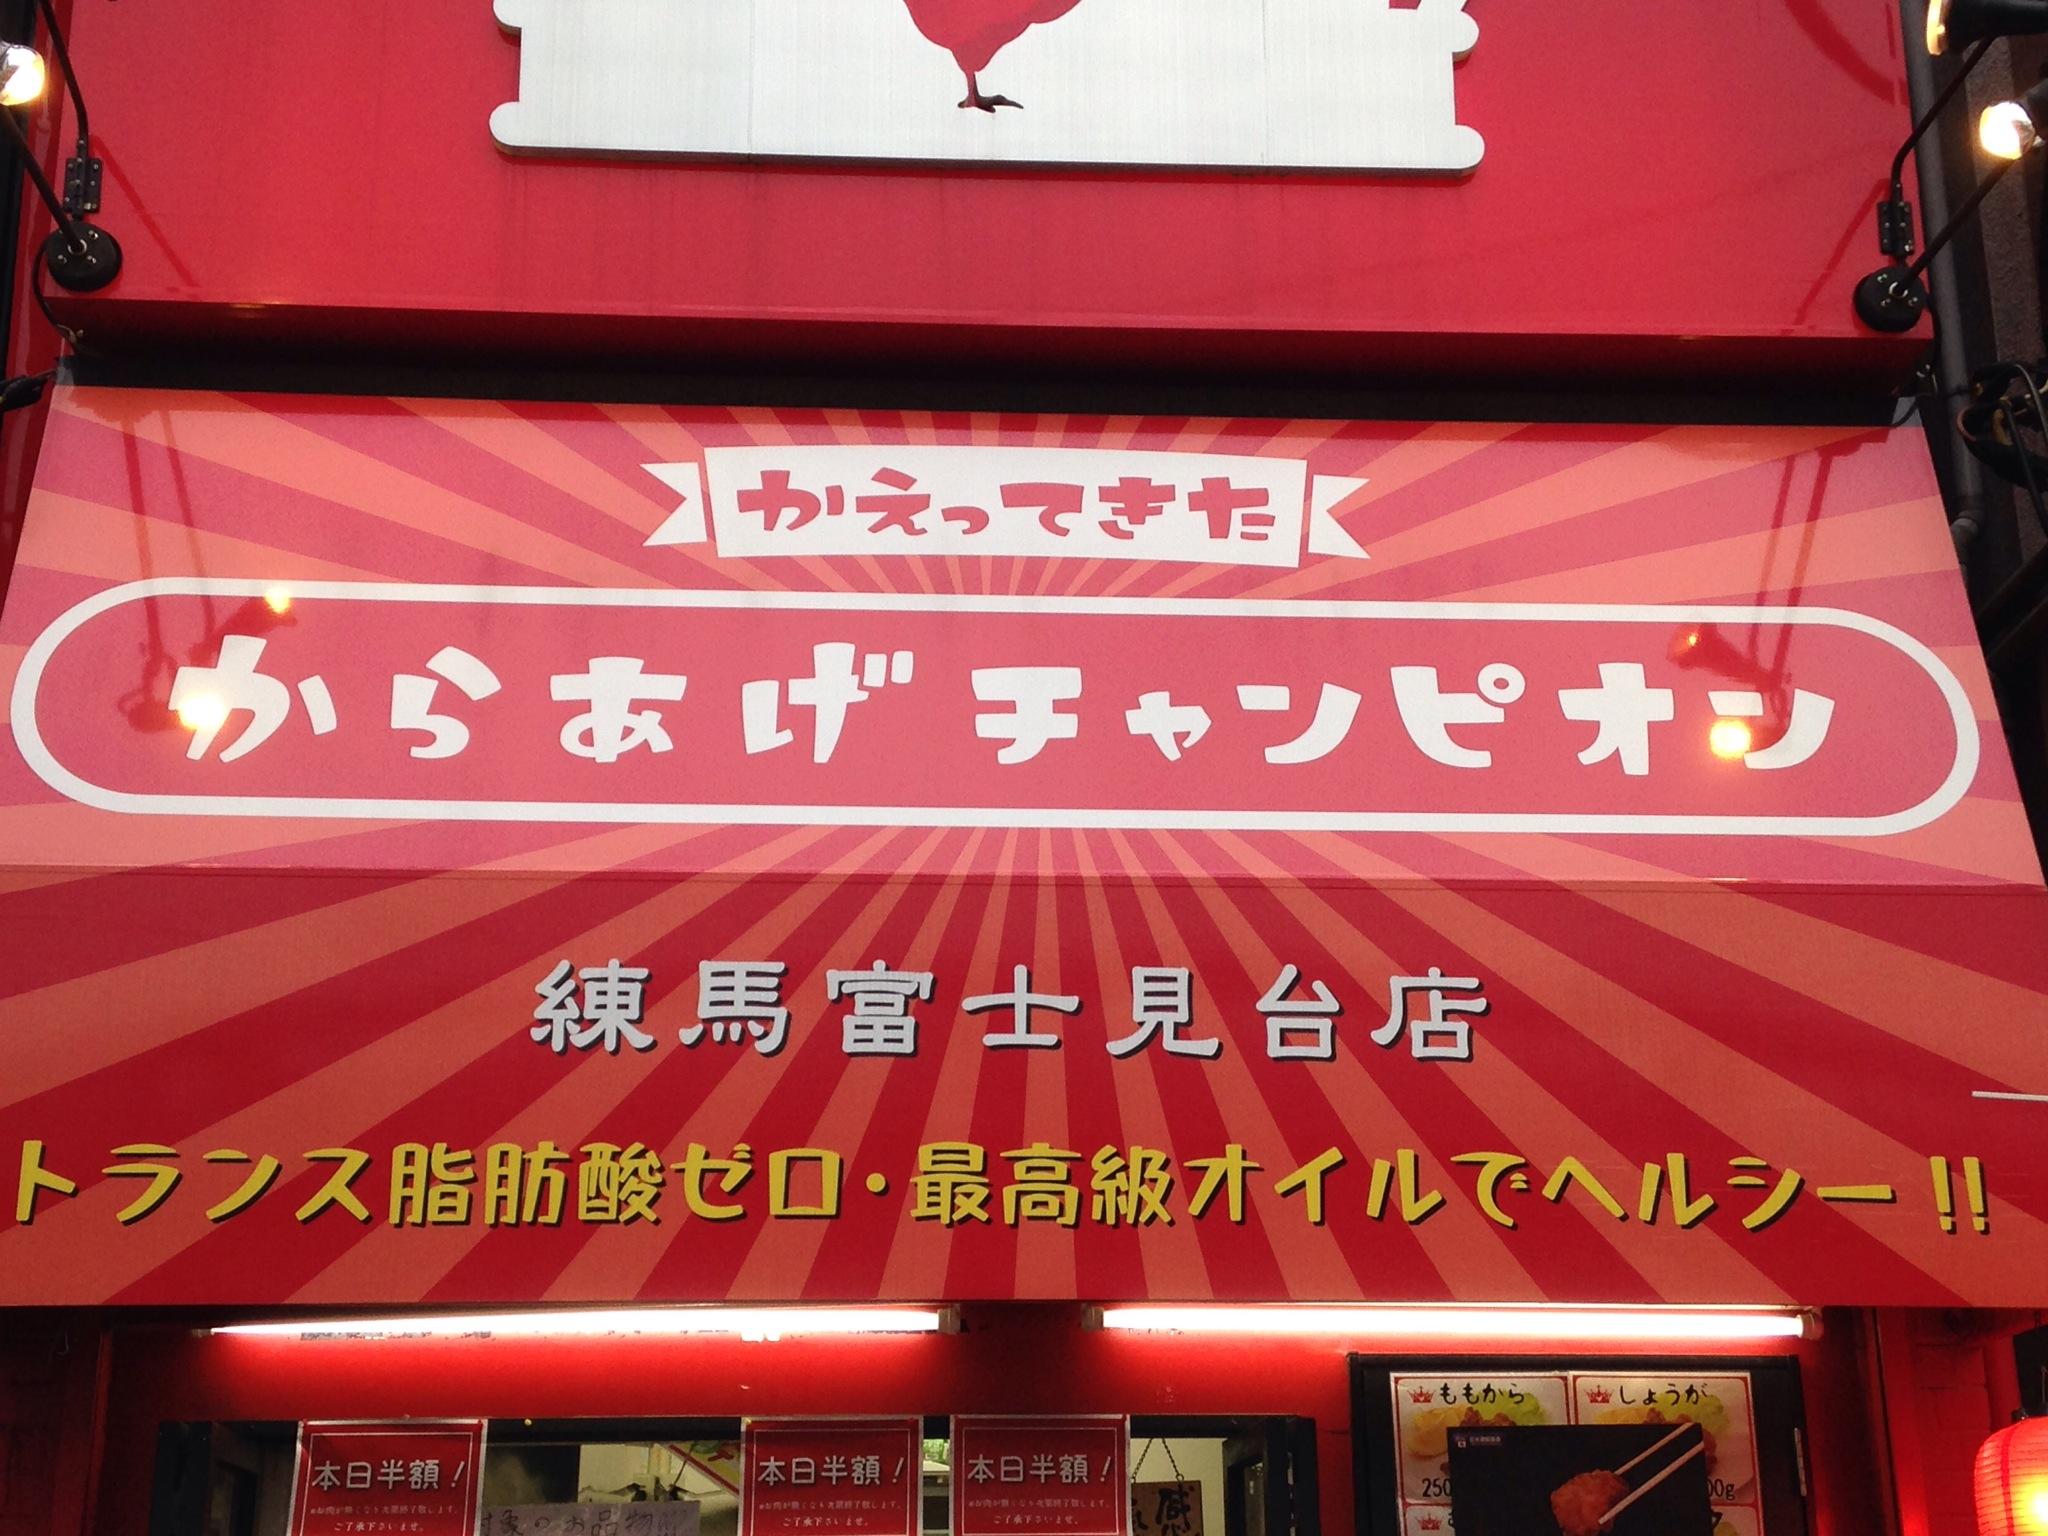 からあげチャンピオン 練馬富士見台道場 ~からあげグランプリ金賞受賞は、トランス脂肪酸ゼロのオイルで時間が経っても美味しかった!